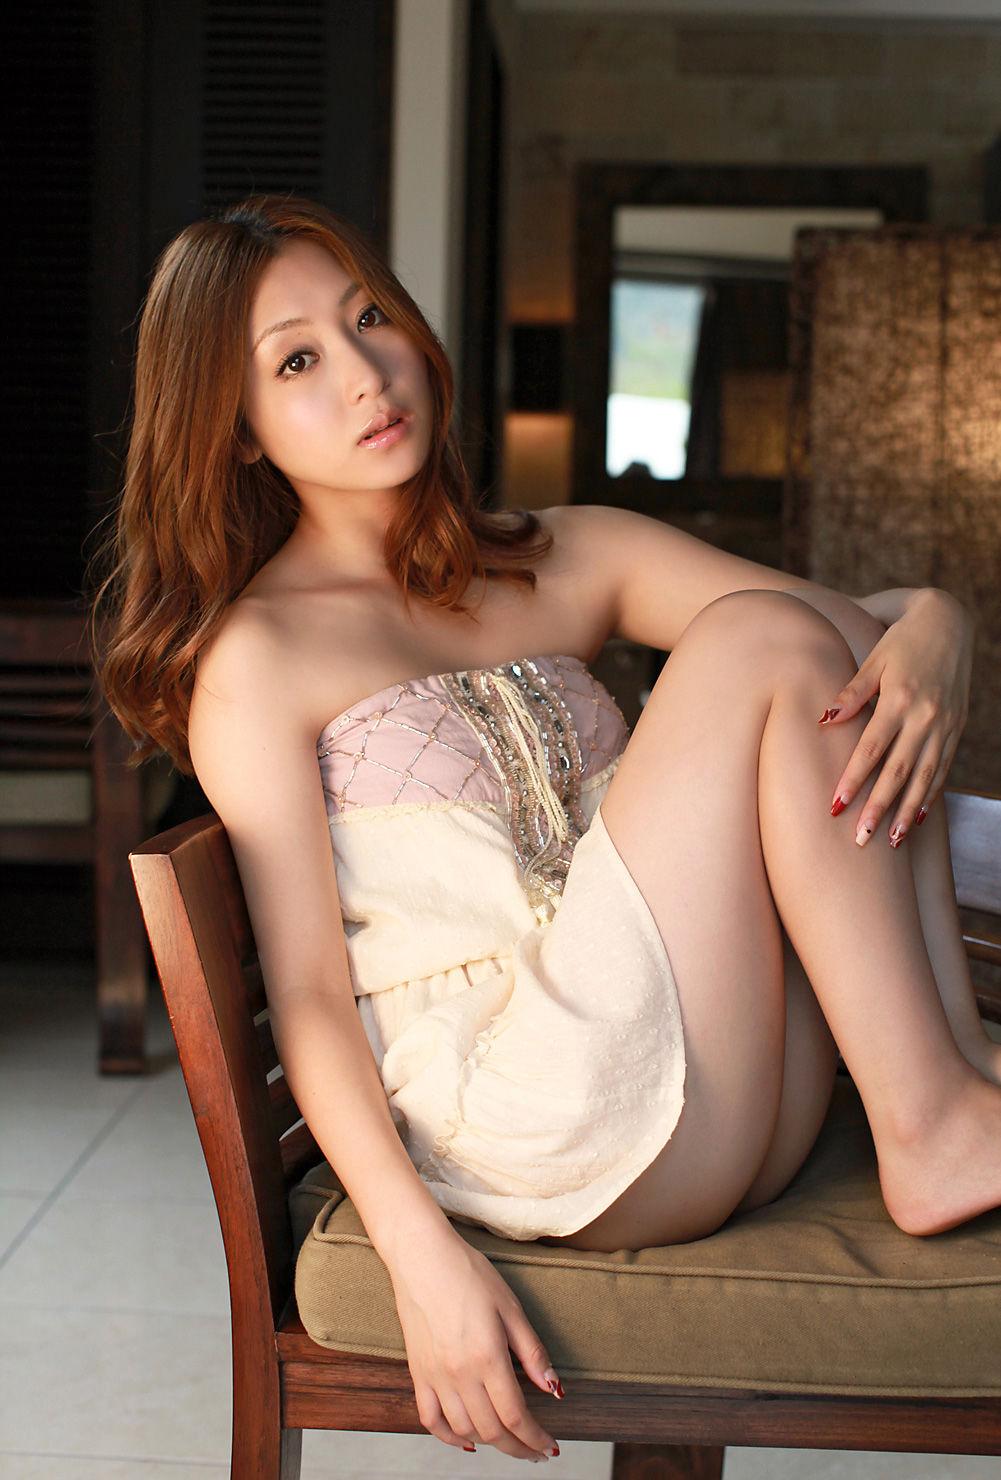 辰巳奈都子 画像 3